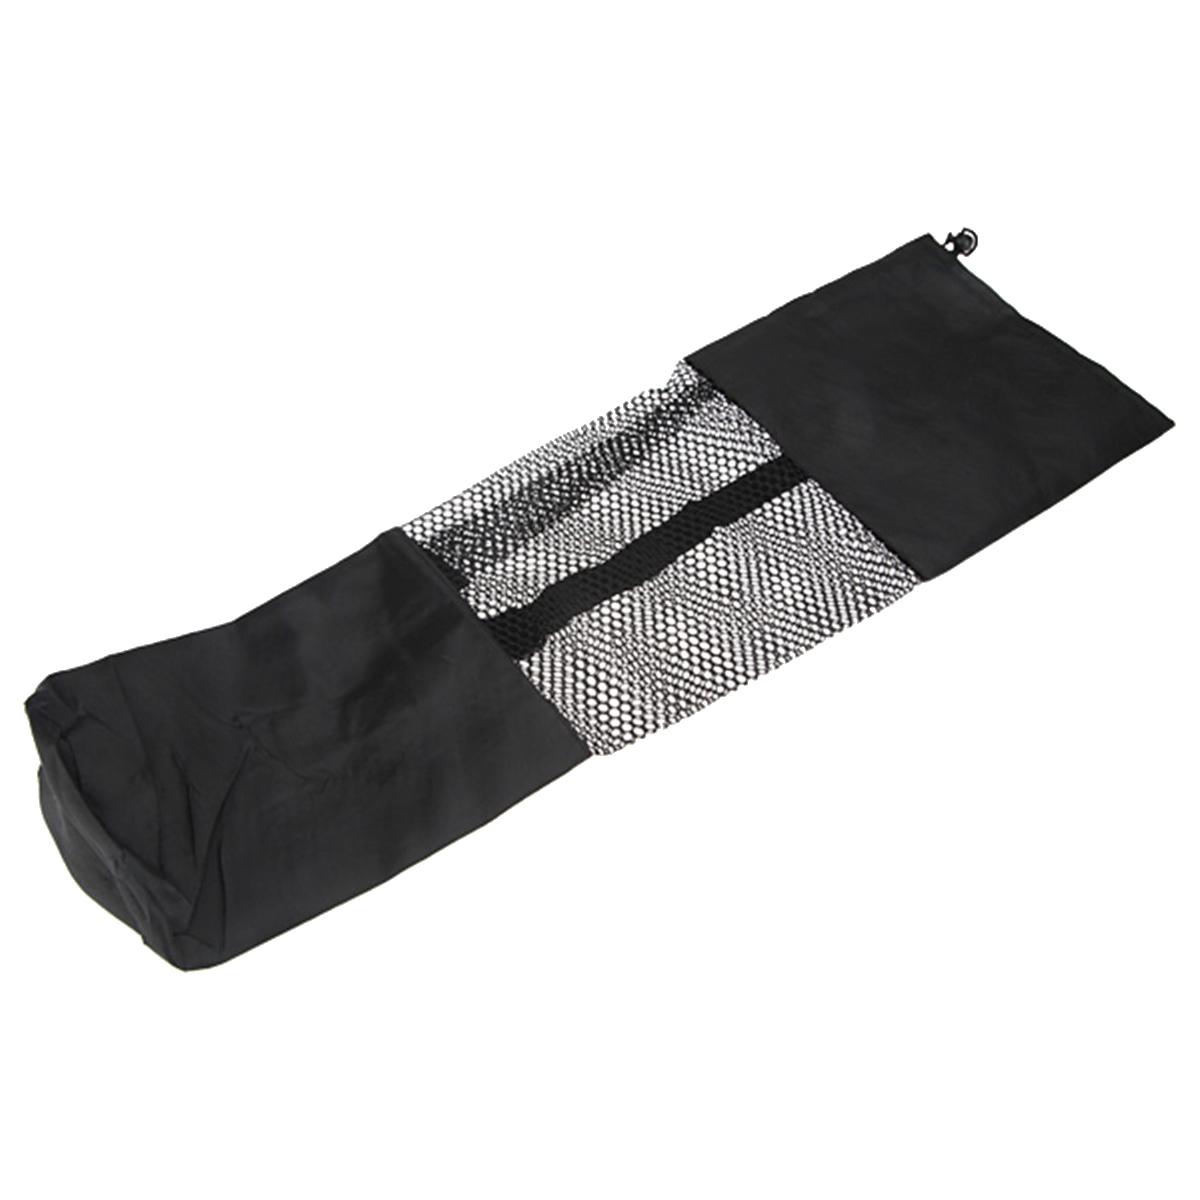 کیف حمل زیرانداز یوگا مدل 2018